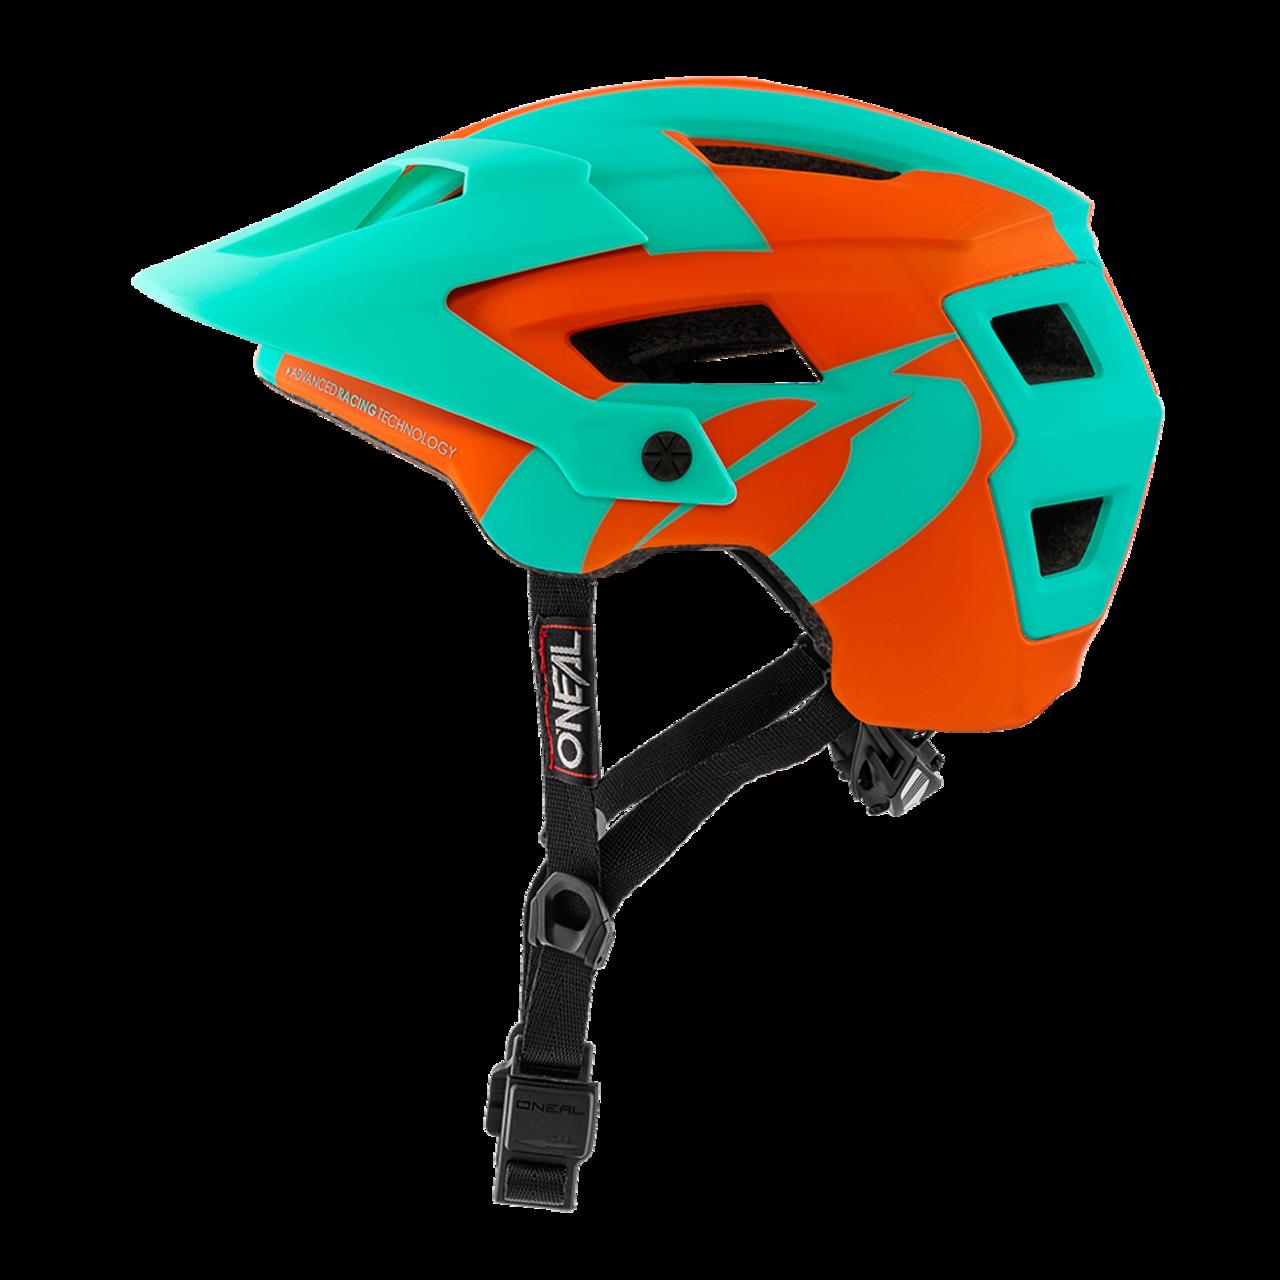 Шлем велосипедный O´Neal Defender 2.0 серебристо-оранжево-голубой  (Размер: L/58-Xl/61).